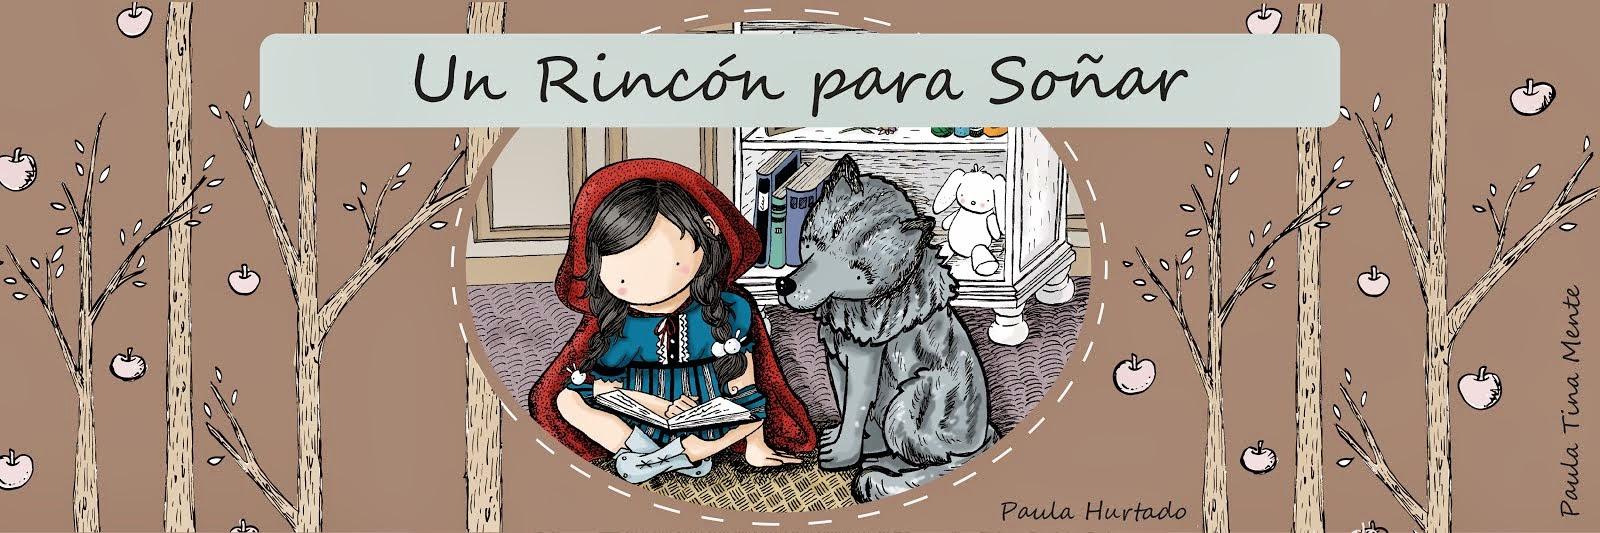 Un Rincon para Soñar